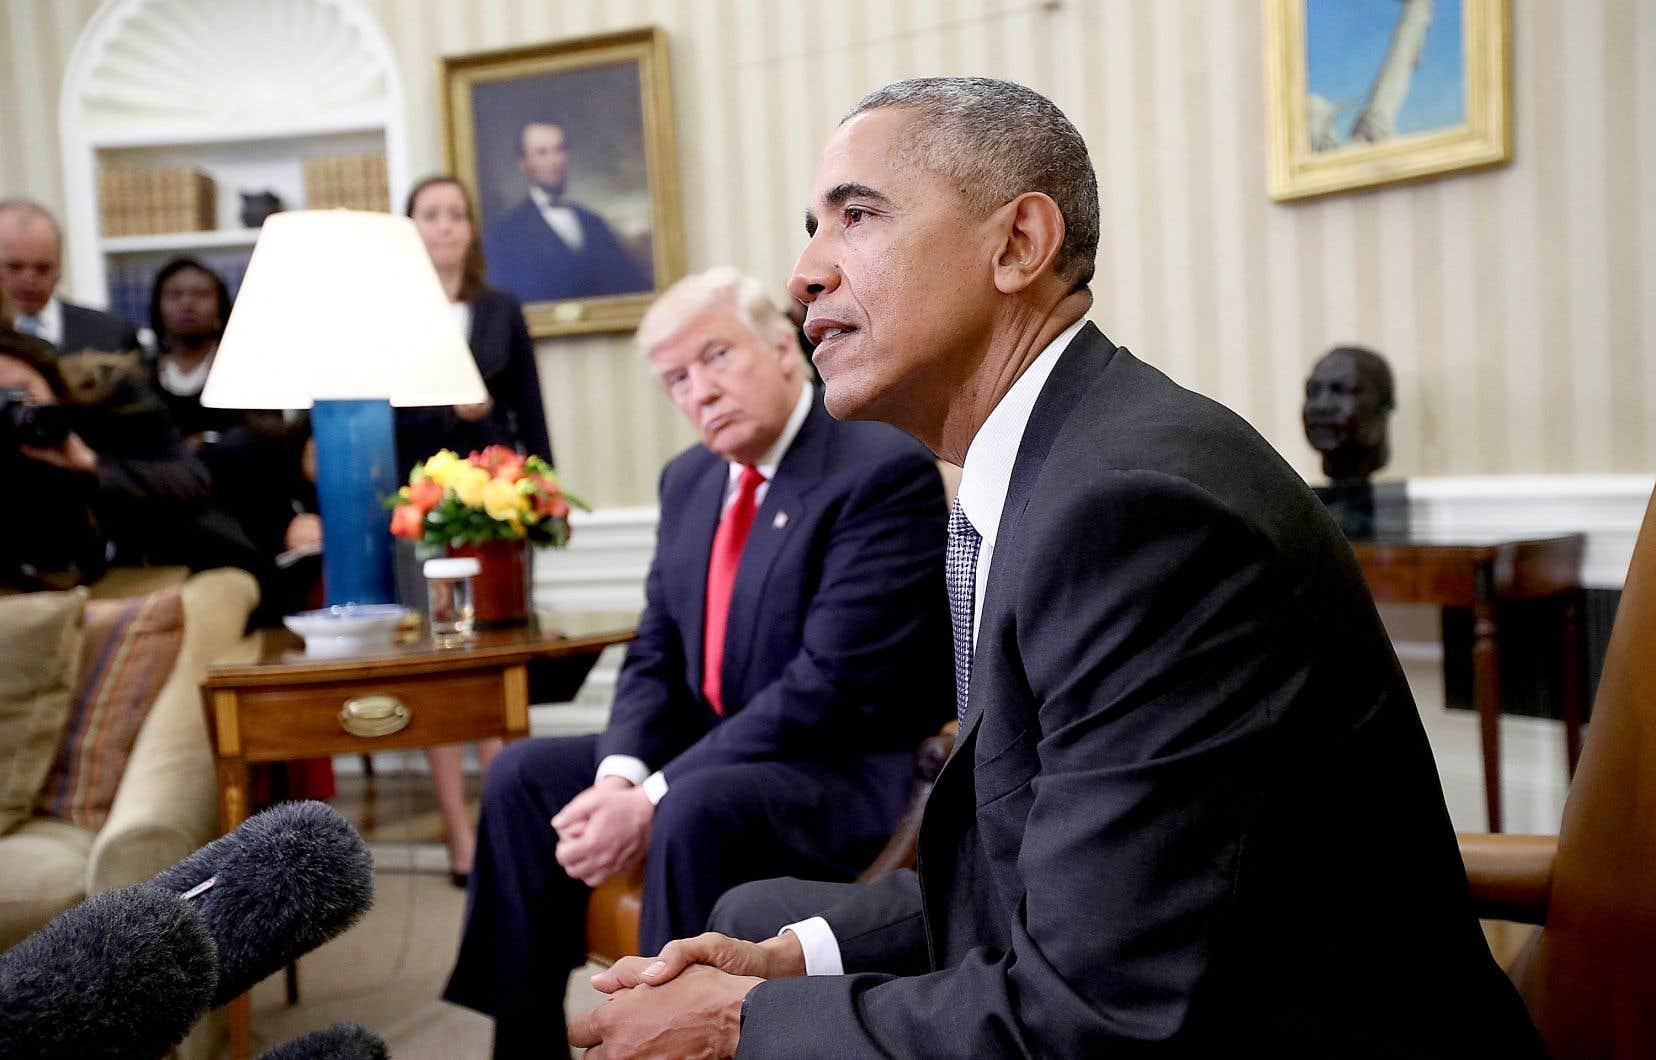 Dans une de ses rares apparitions publiques, l'ancien président américain Barack Obama a estimé, mardi, que Donald Trump avait violé «les principes fondamentaux» de la démocratie en promouvant la thèse fallacieuse d'une fraude électorale. On voit ici les deux anciens présidents à Washington, en 2016.